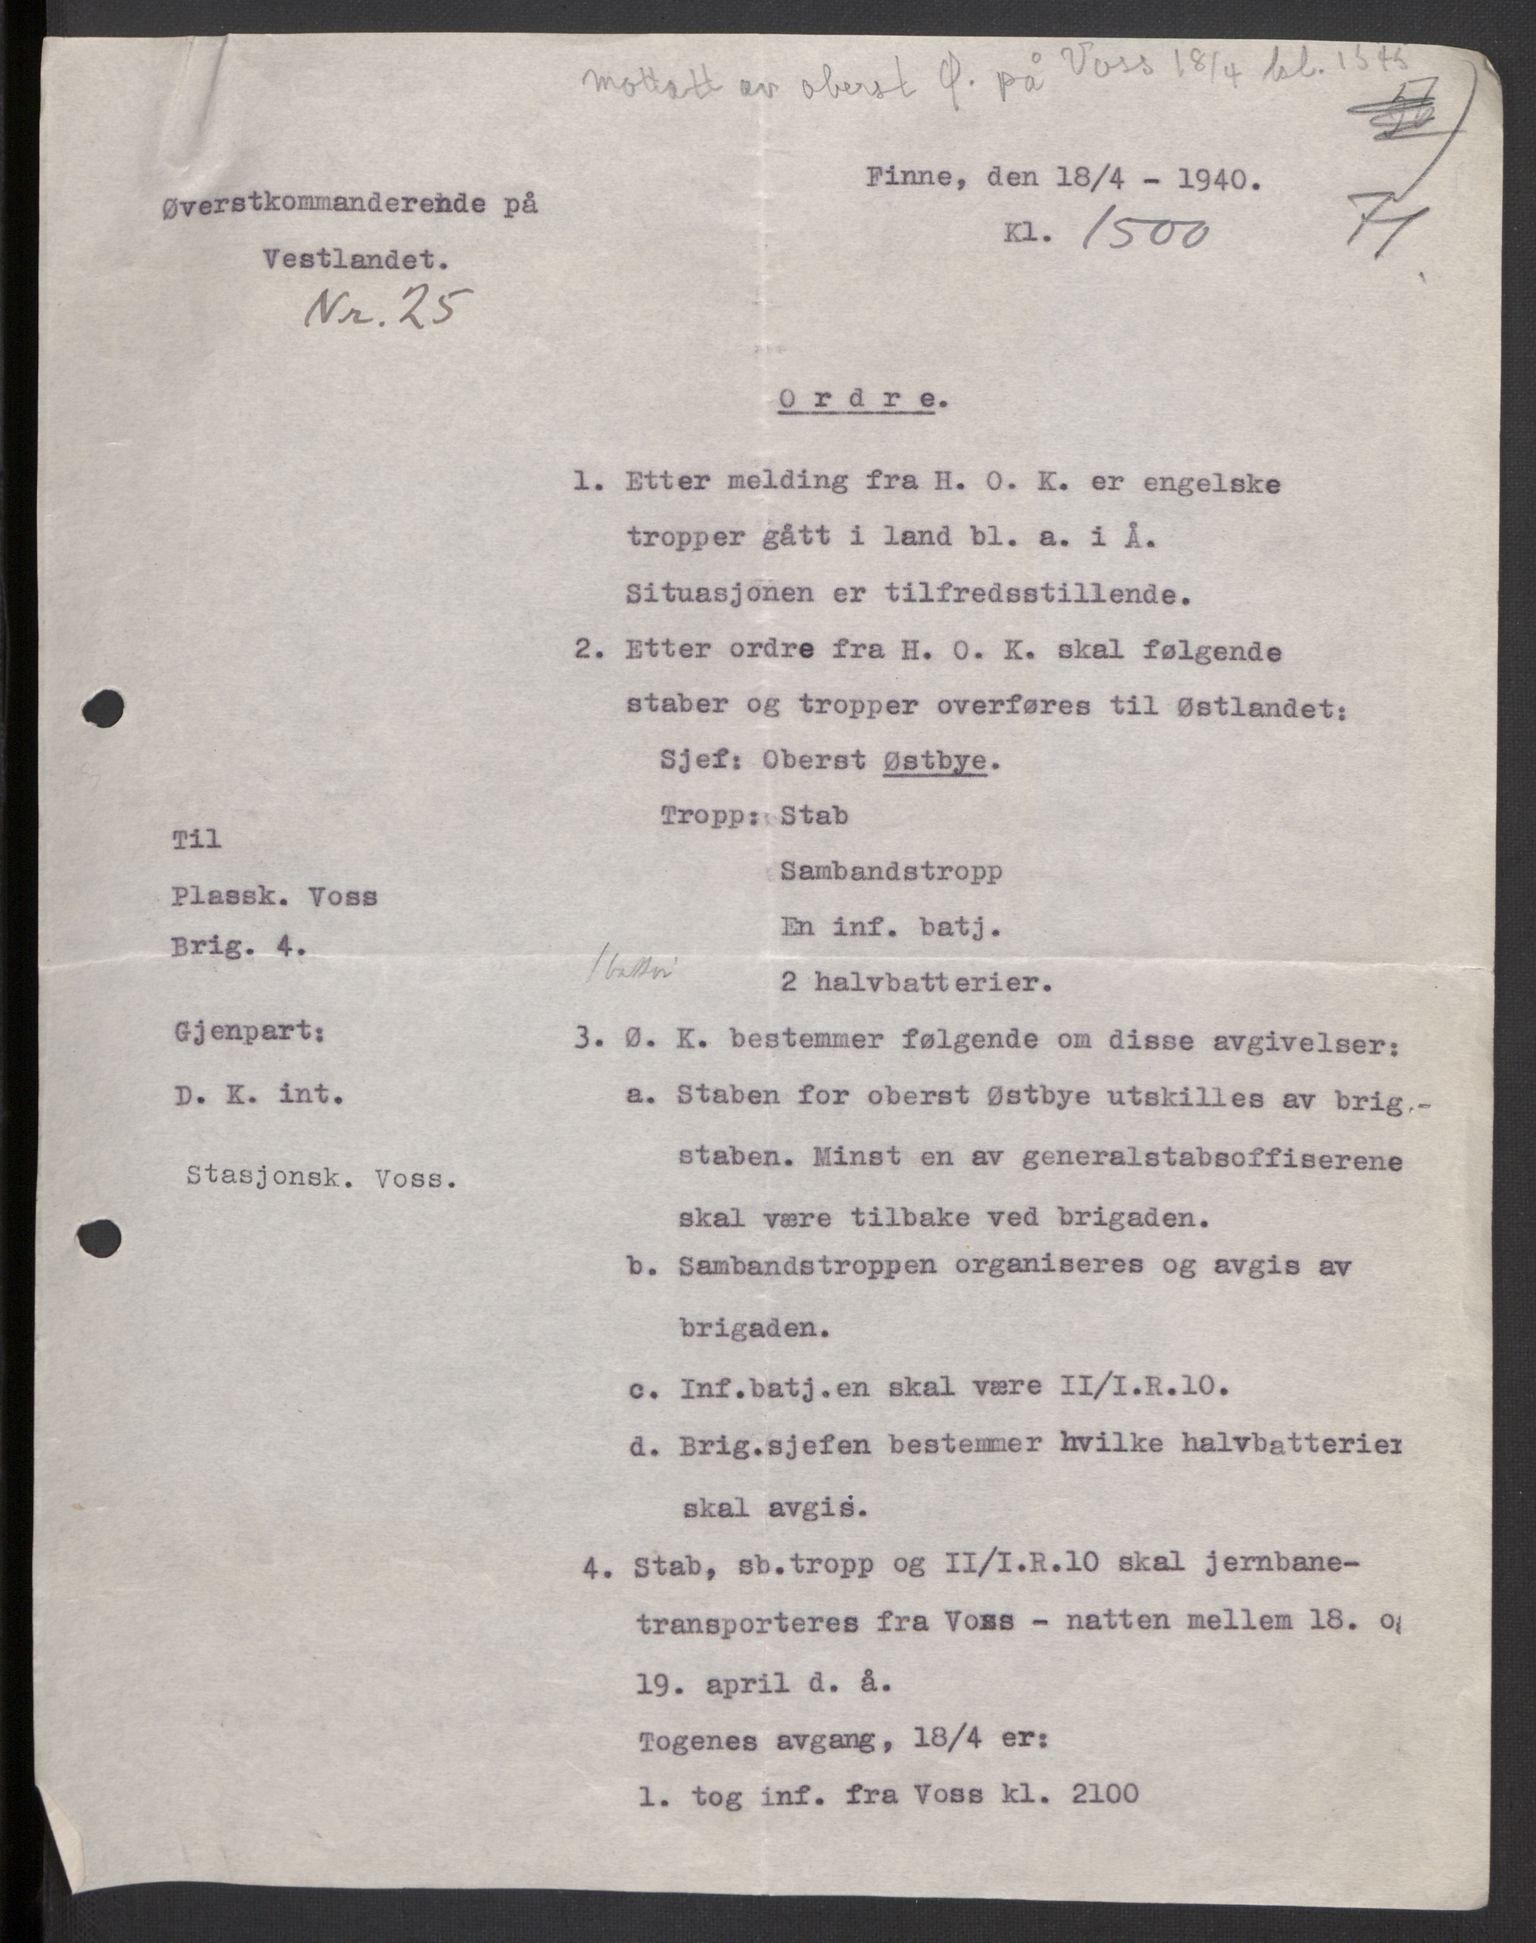 RA, Forsvaret, Forsvarets krigshistoriske avdeling, Y/Yb/L0104: II-C-11-430  -  4. Divisjon., 1940, s. 183